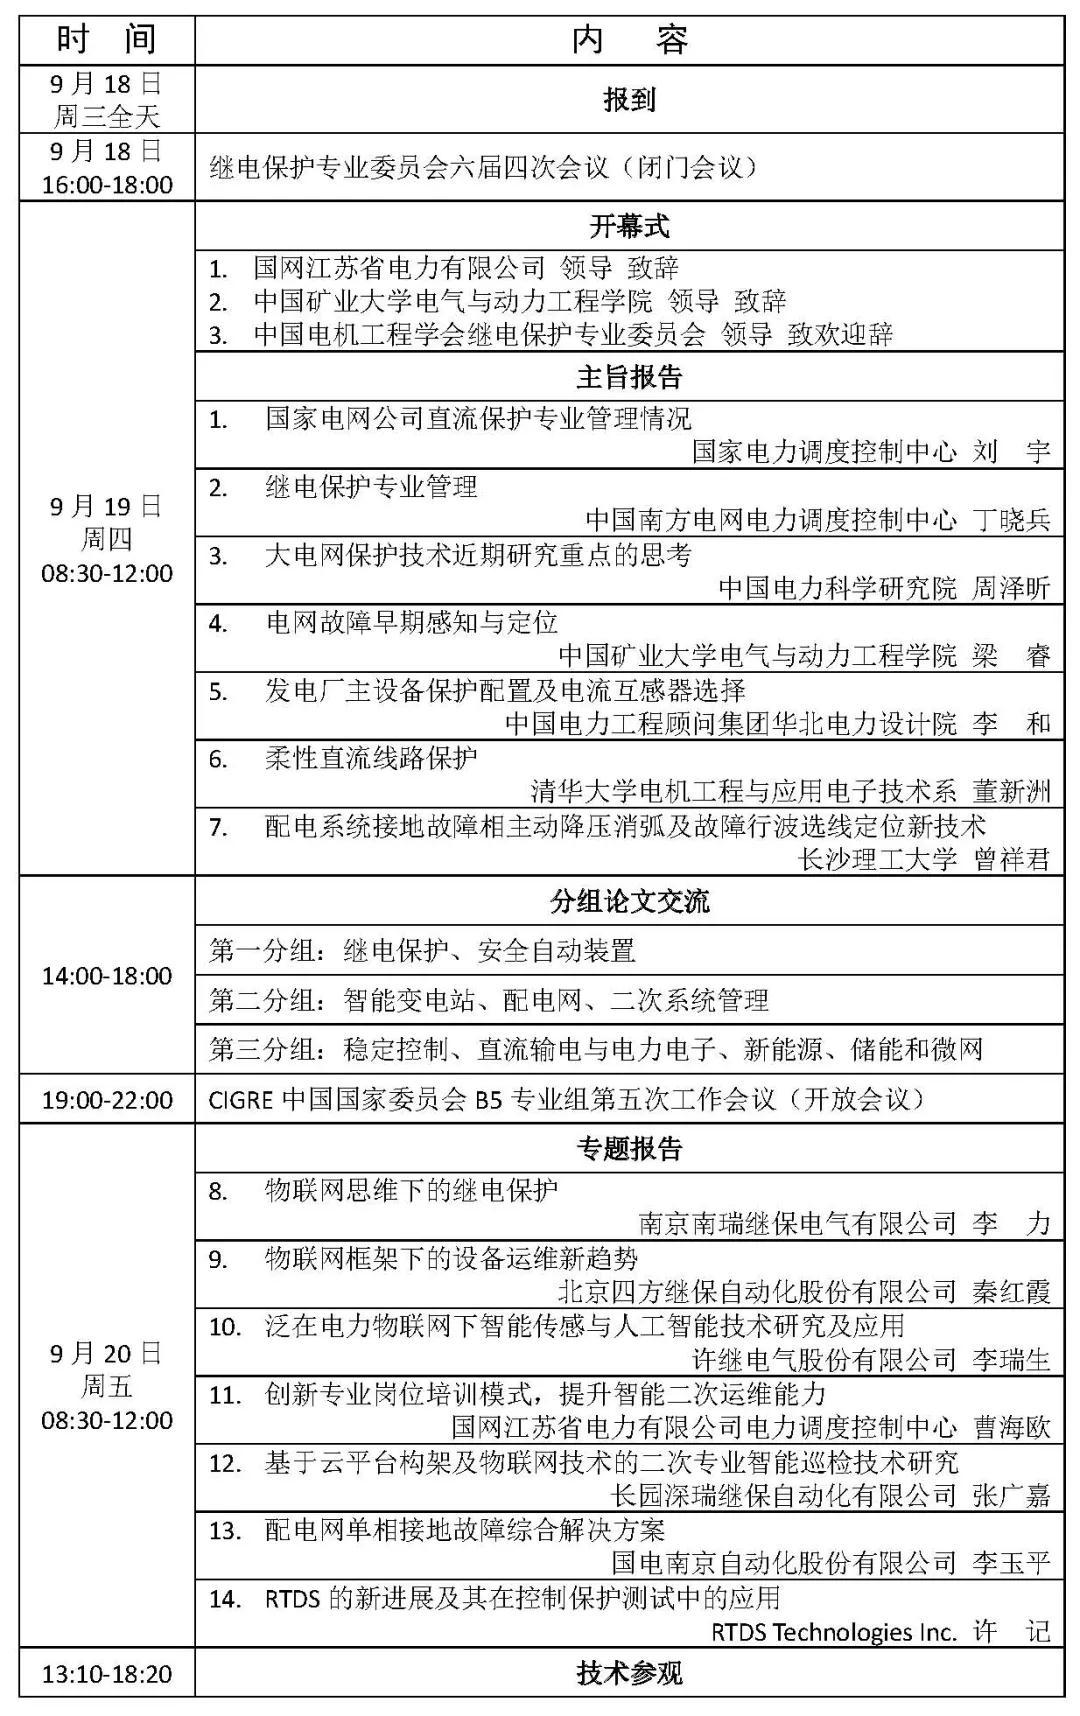 2019第十七届保护和控制学术研讨会•会议日程